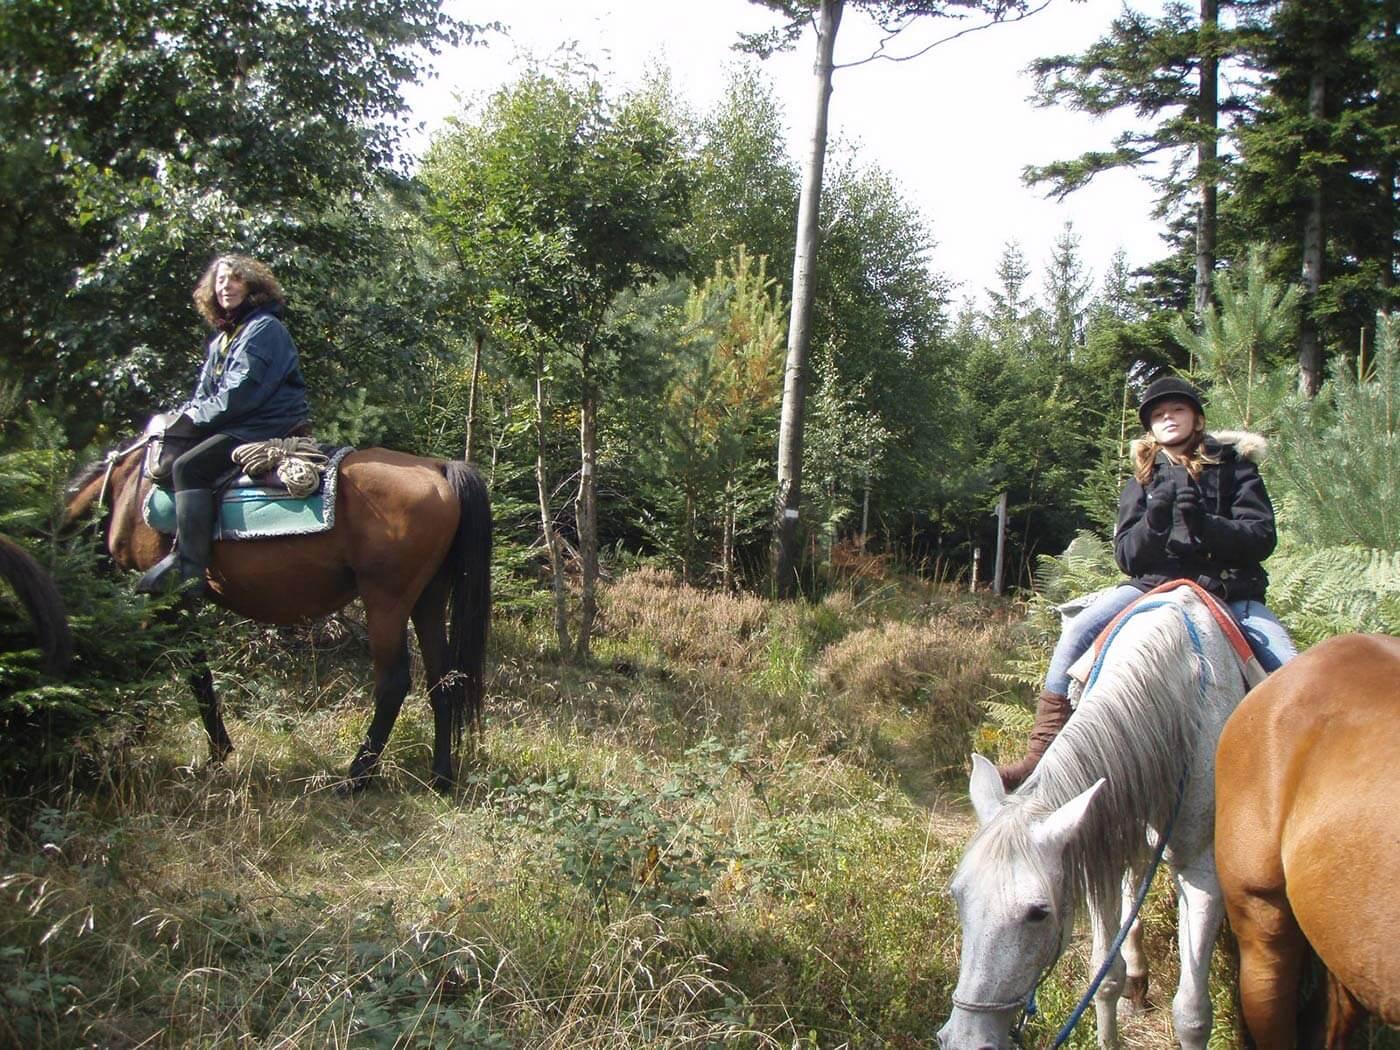 Rando cheval Vosges - Les voyageurs solidaires - photo Les voyageurs solidaires